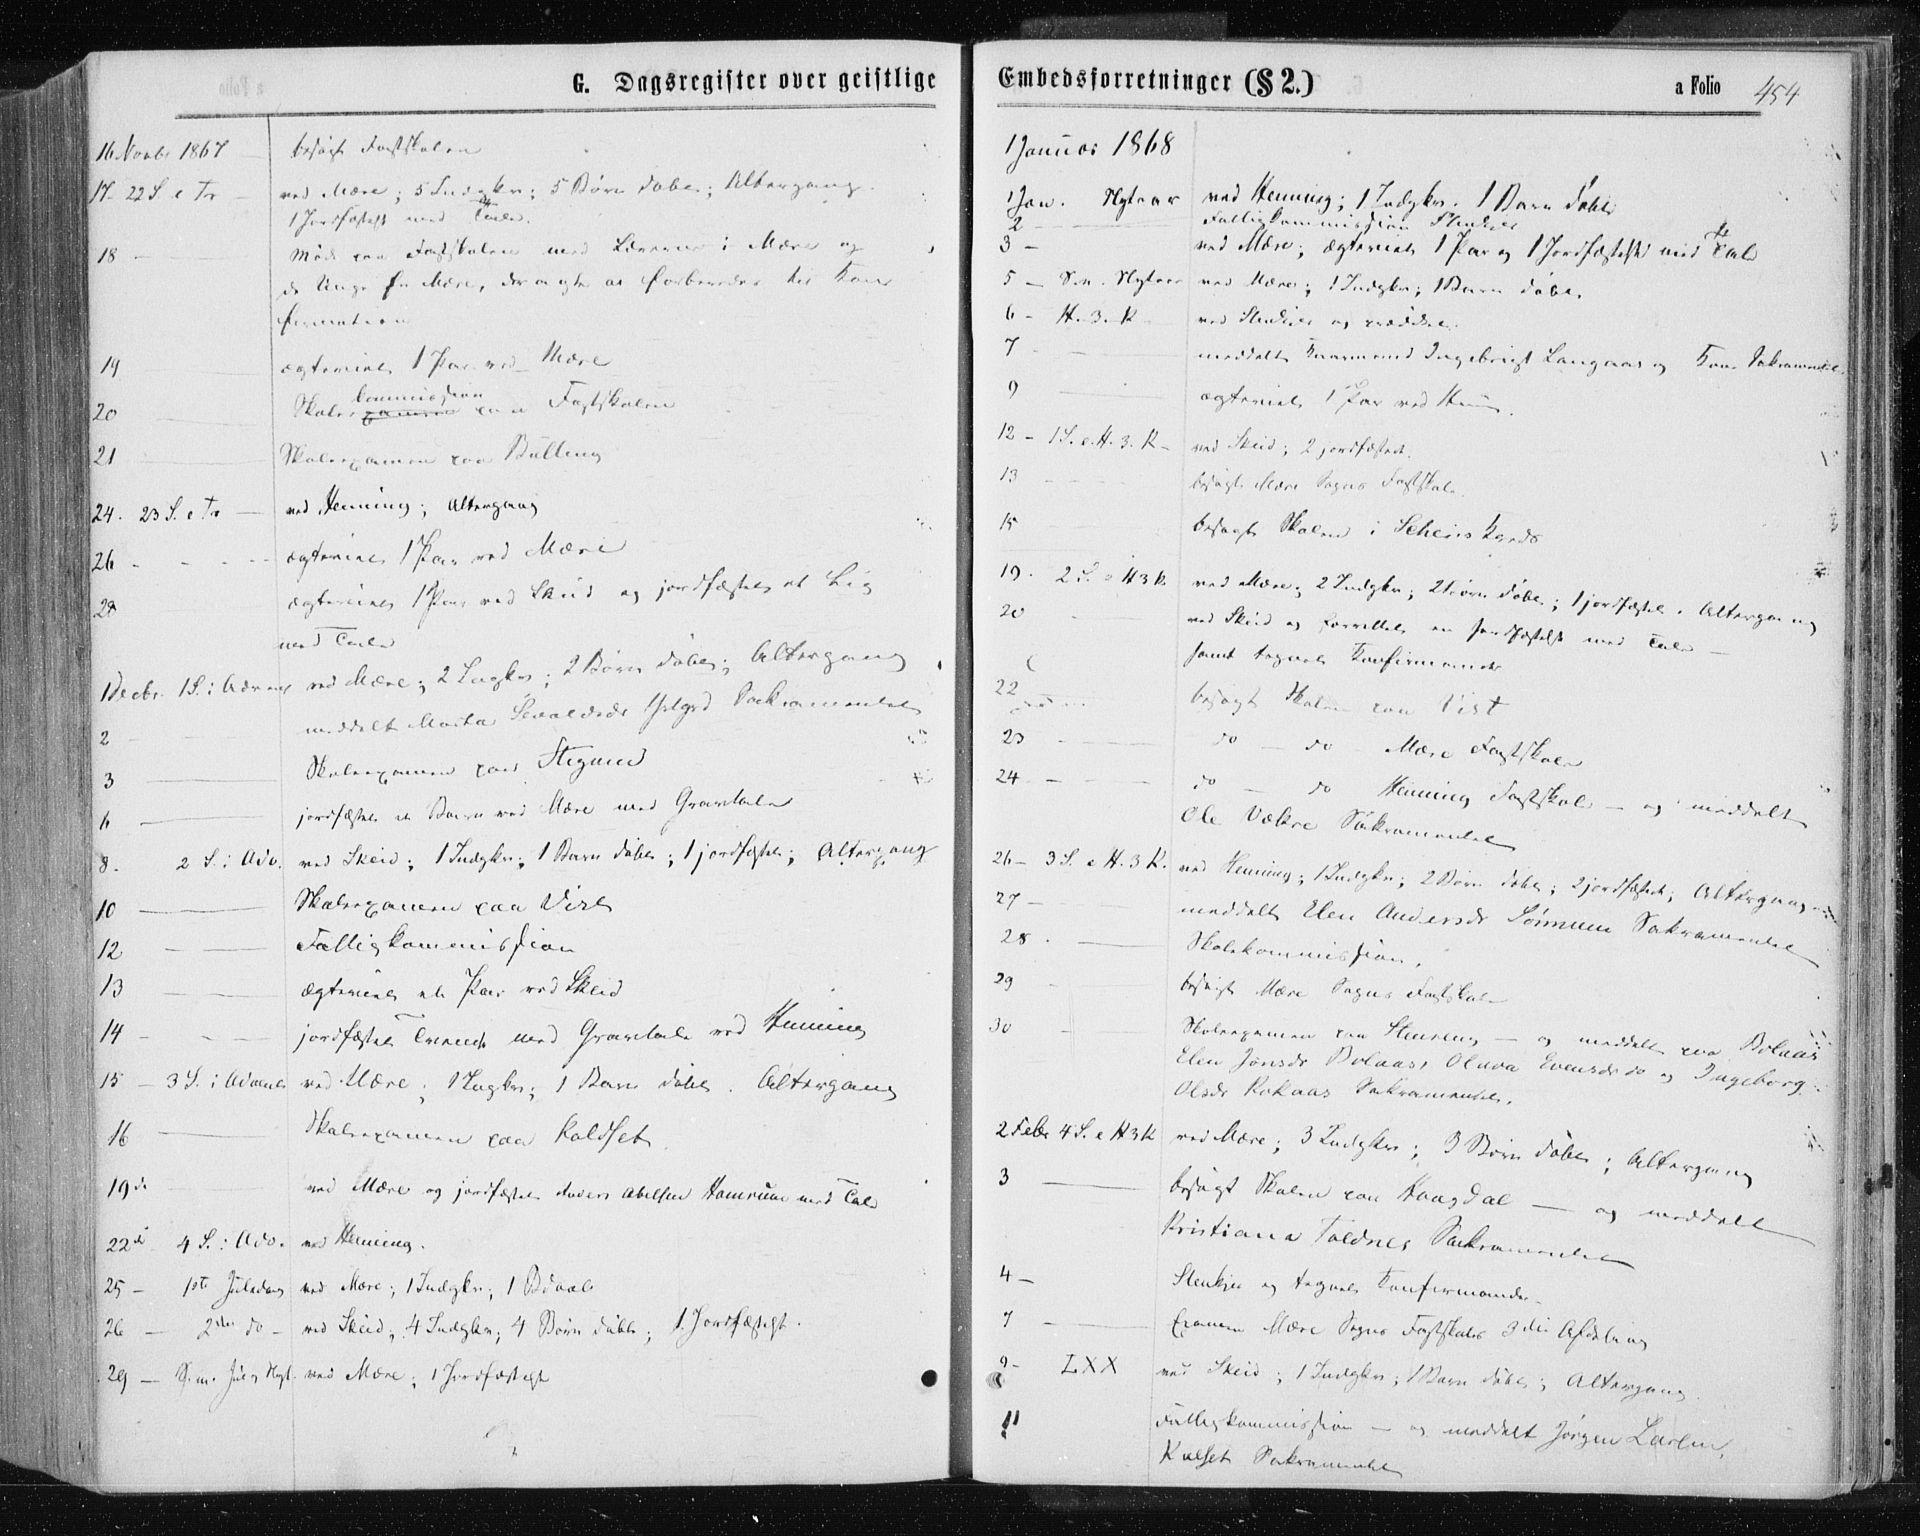 SAT, Ministerialprotokoller, klokkerbøker og fødselsregistre - Nord-Trøndelag, 735/L0345: Ministerialbok nr. 735A08 /1, 1863-1872, s. 454